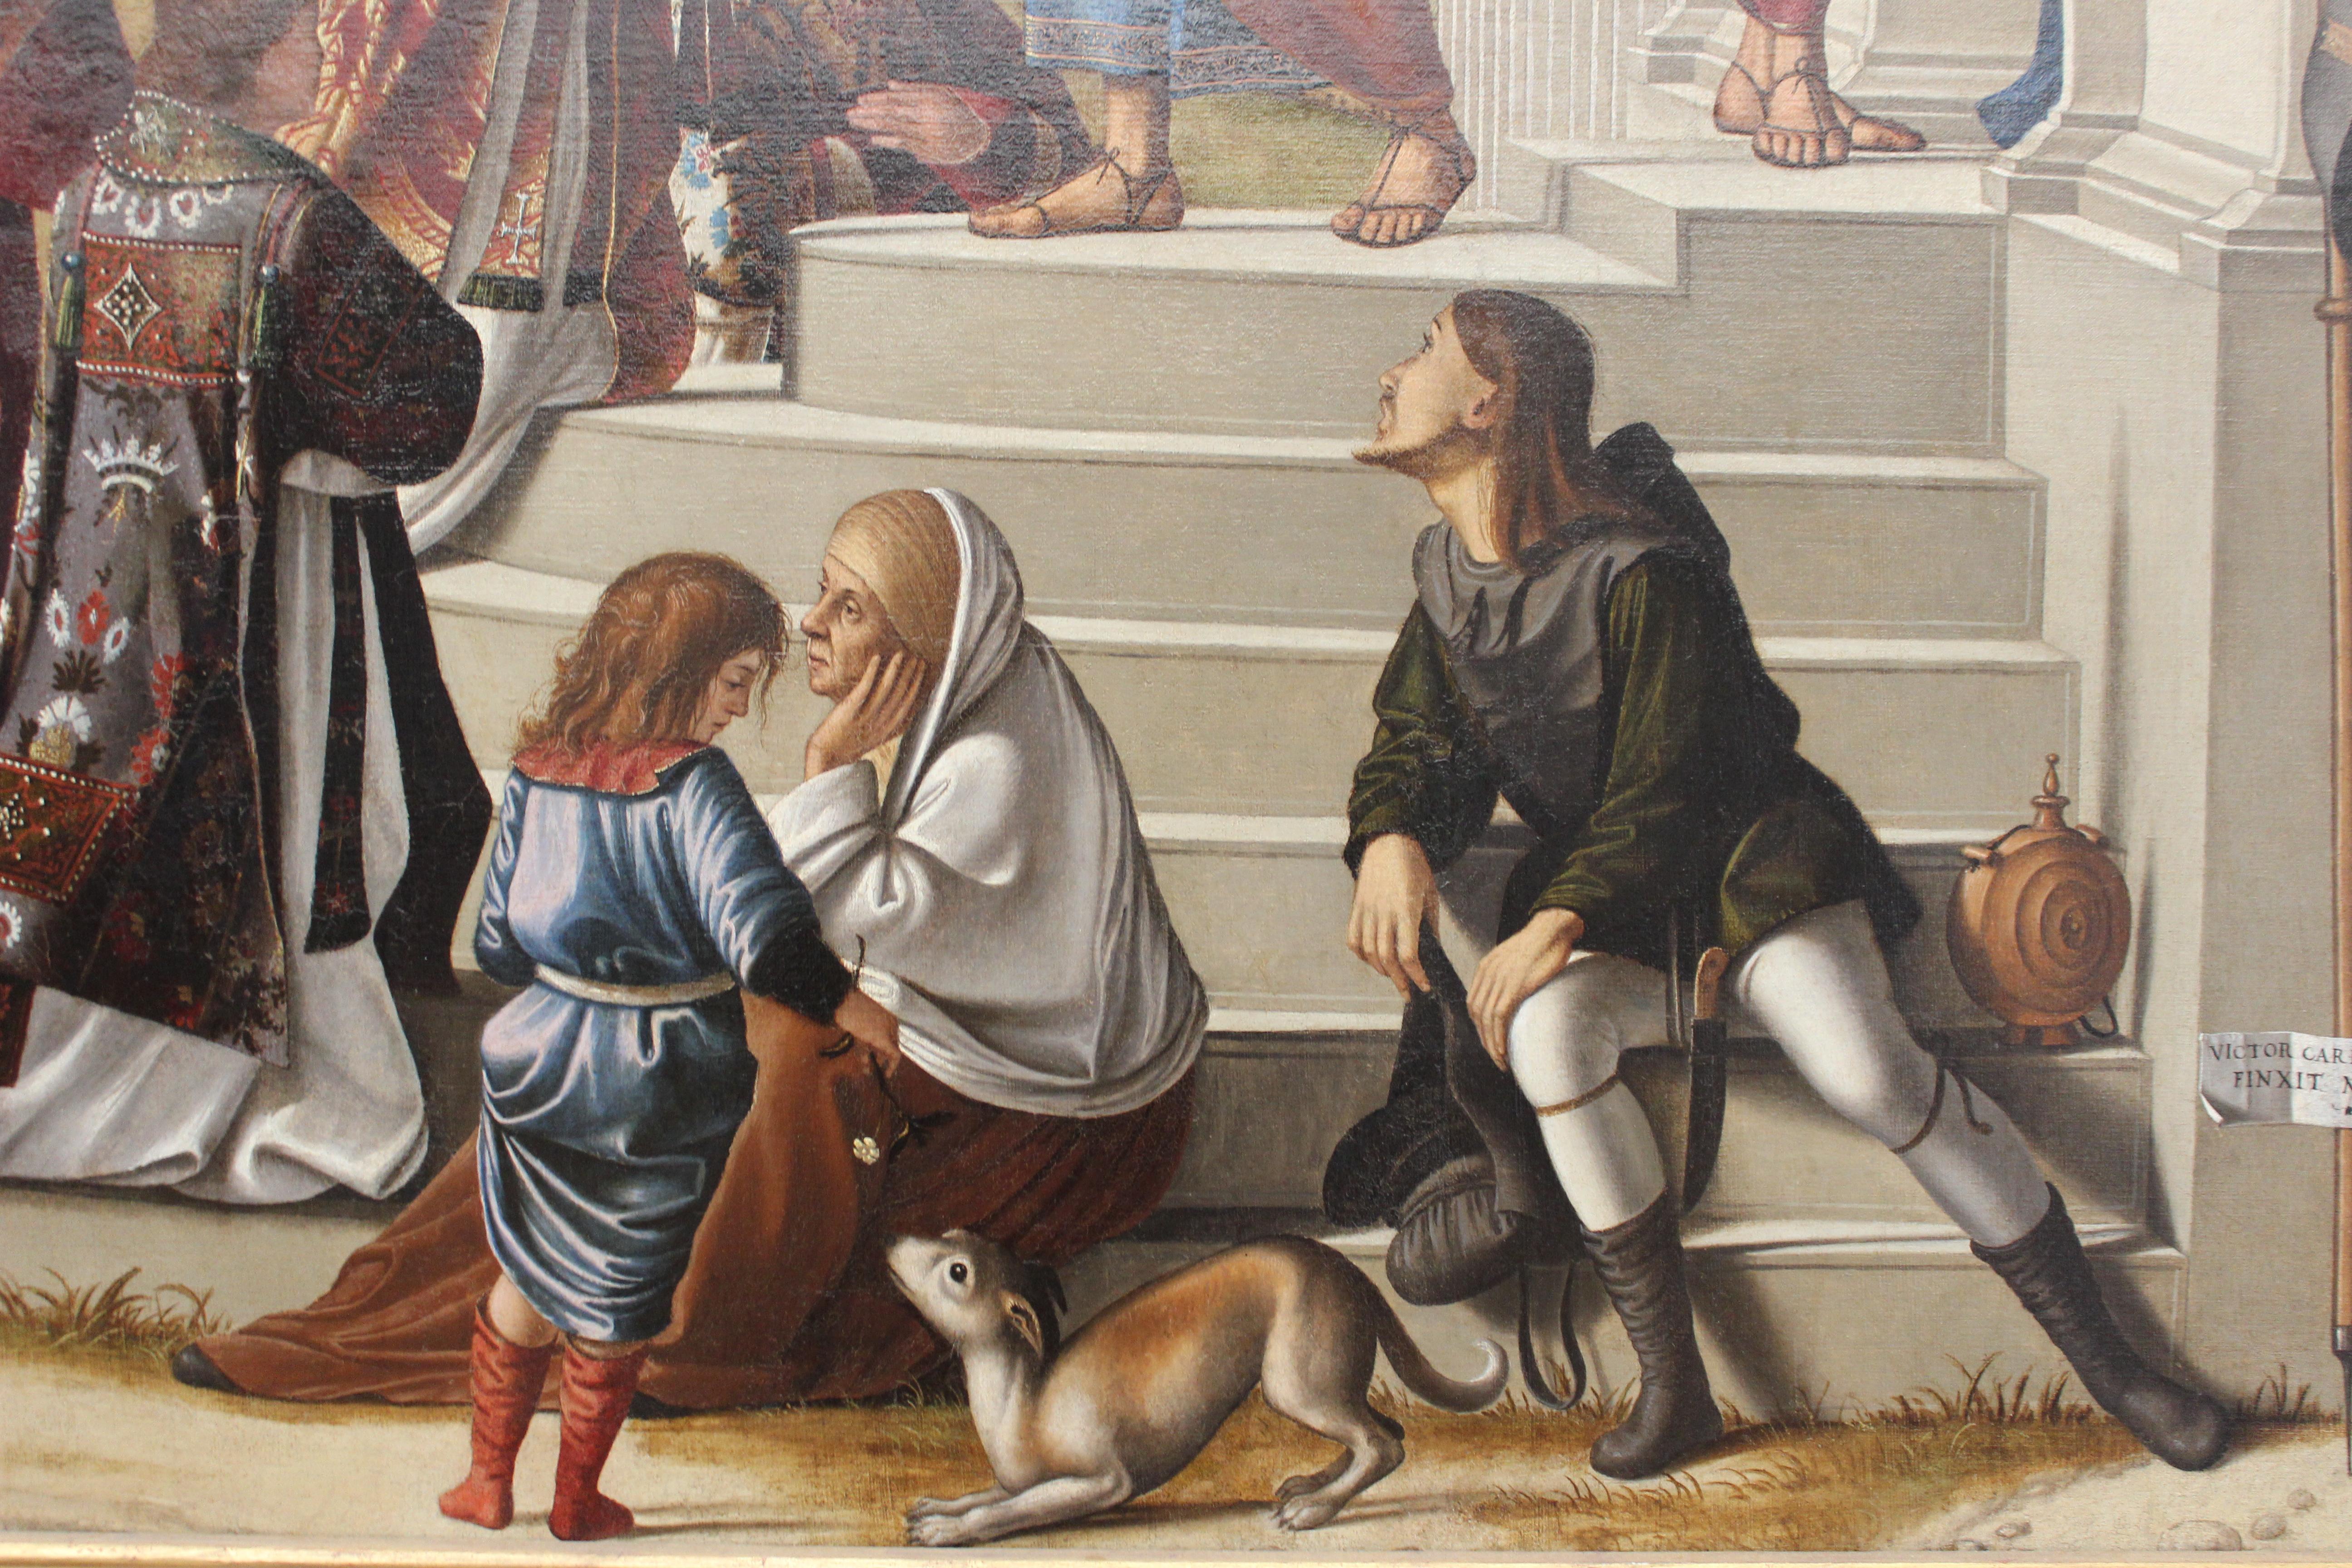 муж знакомится на улице с другими дама